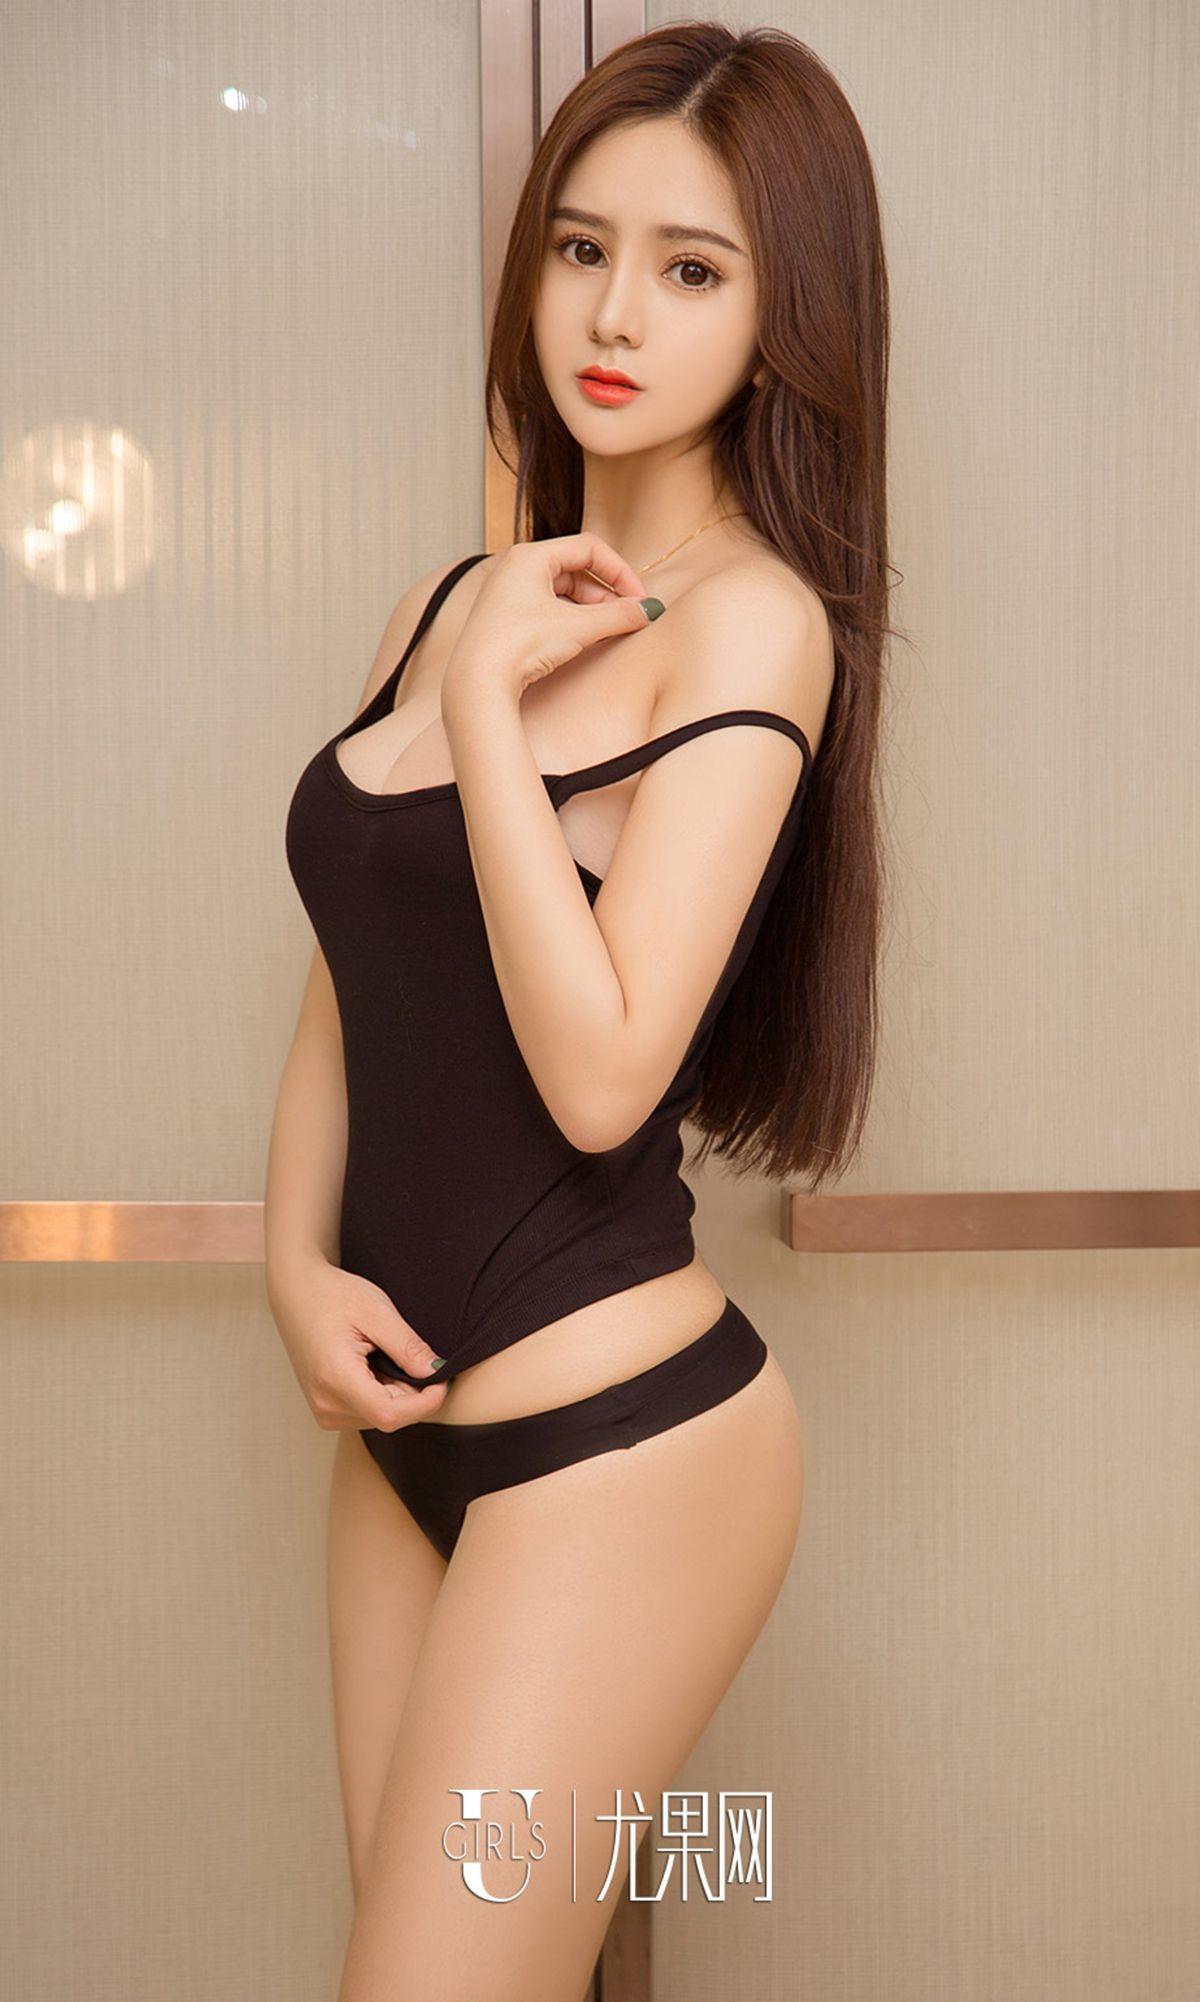 美女张多多 - 新春的阳光 写真套图